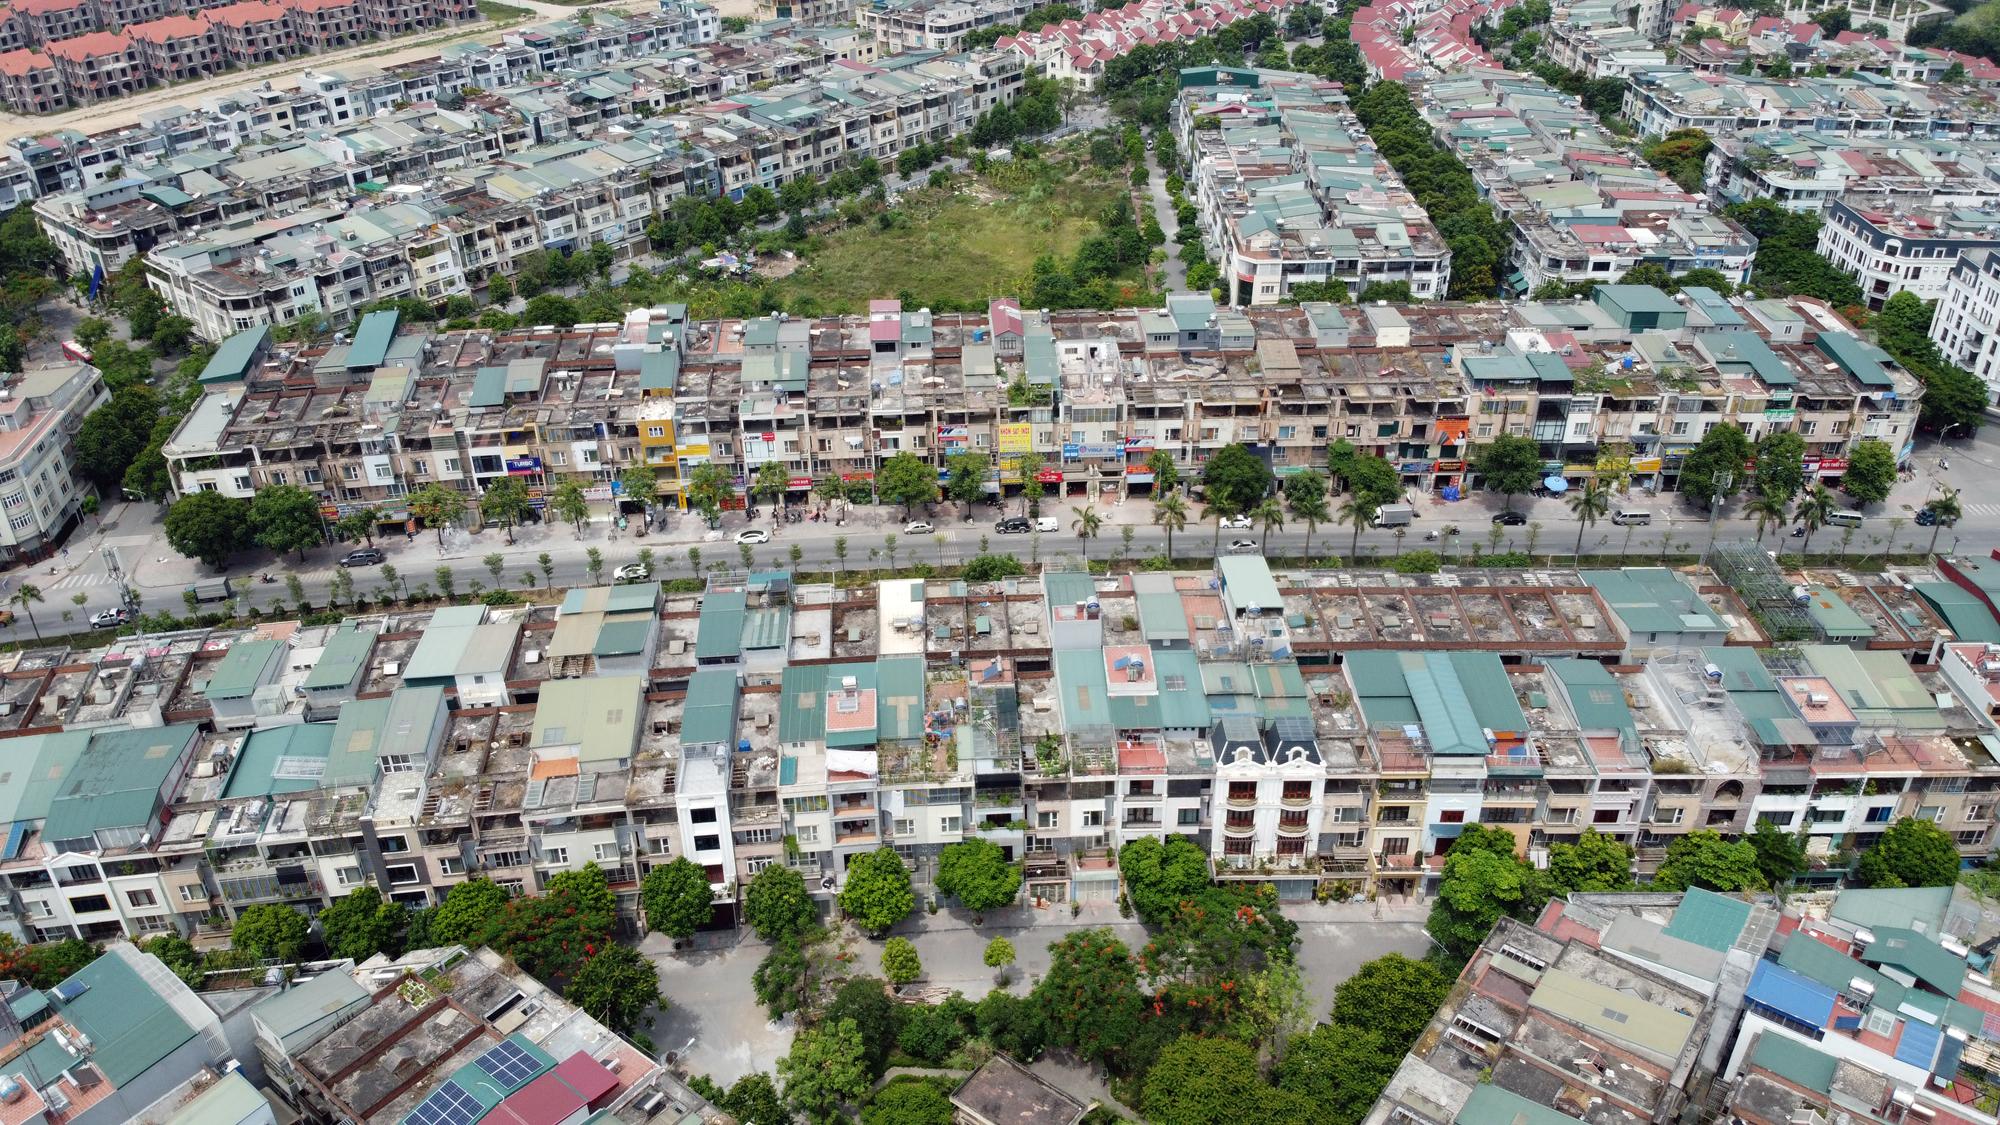 Những dự án chung cư gần các khu đất sẽ đào hồ lớn ở quận Hà Đông - Ảnh 4.